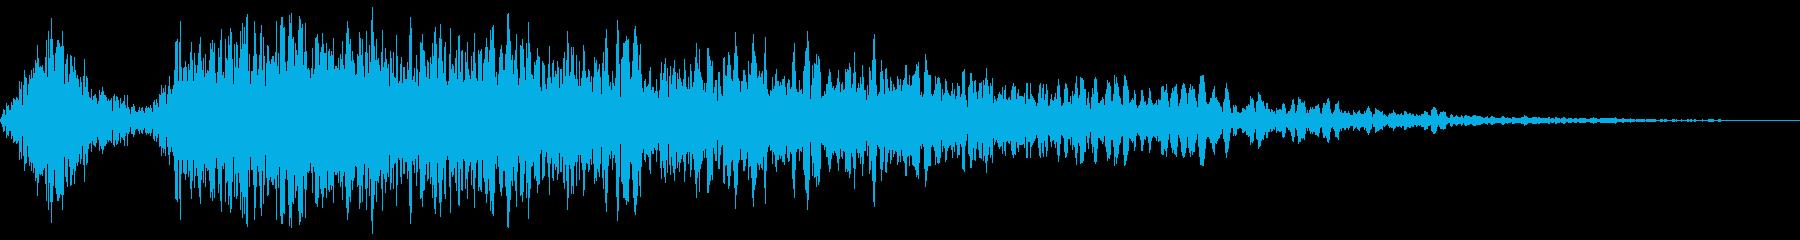 恐怖、驚きの印象付け効果(ステレオ)の再生済みの波形